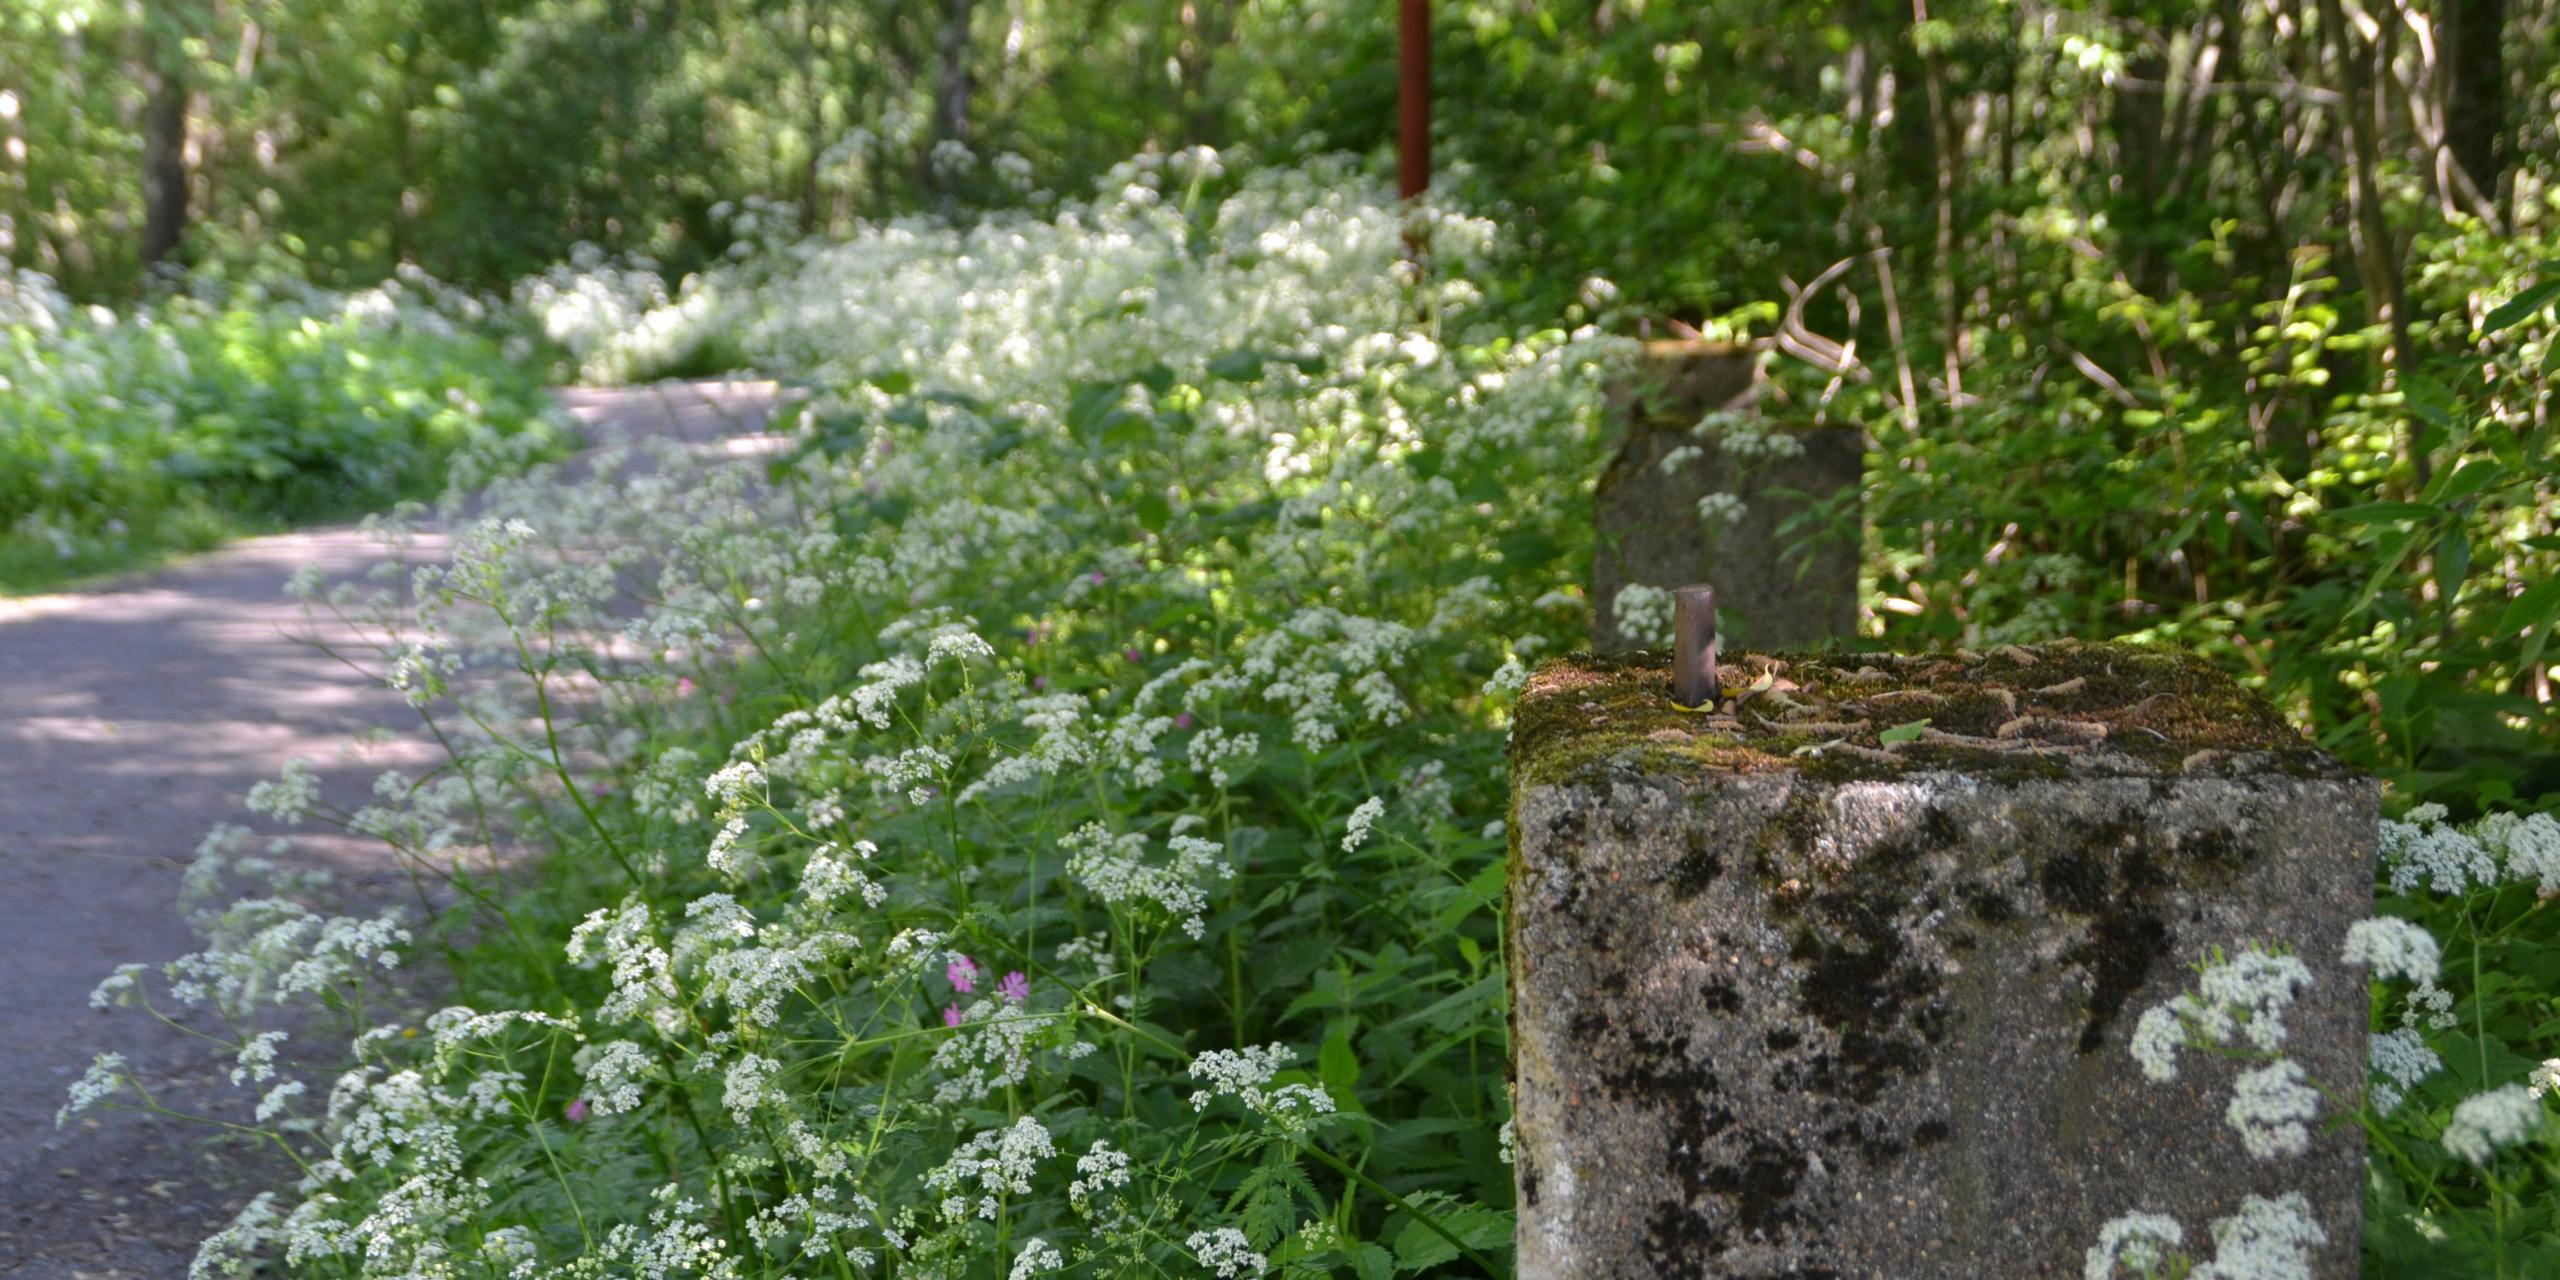 Vehreää luotoa, kukkivaa koiranputkea. Oikealla vanha sammaloitunut betonipaalu, vasemmalla taustalla kareutuva puistokäytävä. Auringon valo tulee puiden runkojen lomista.